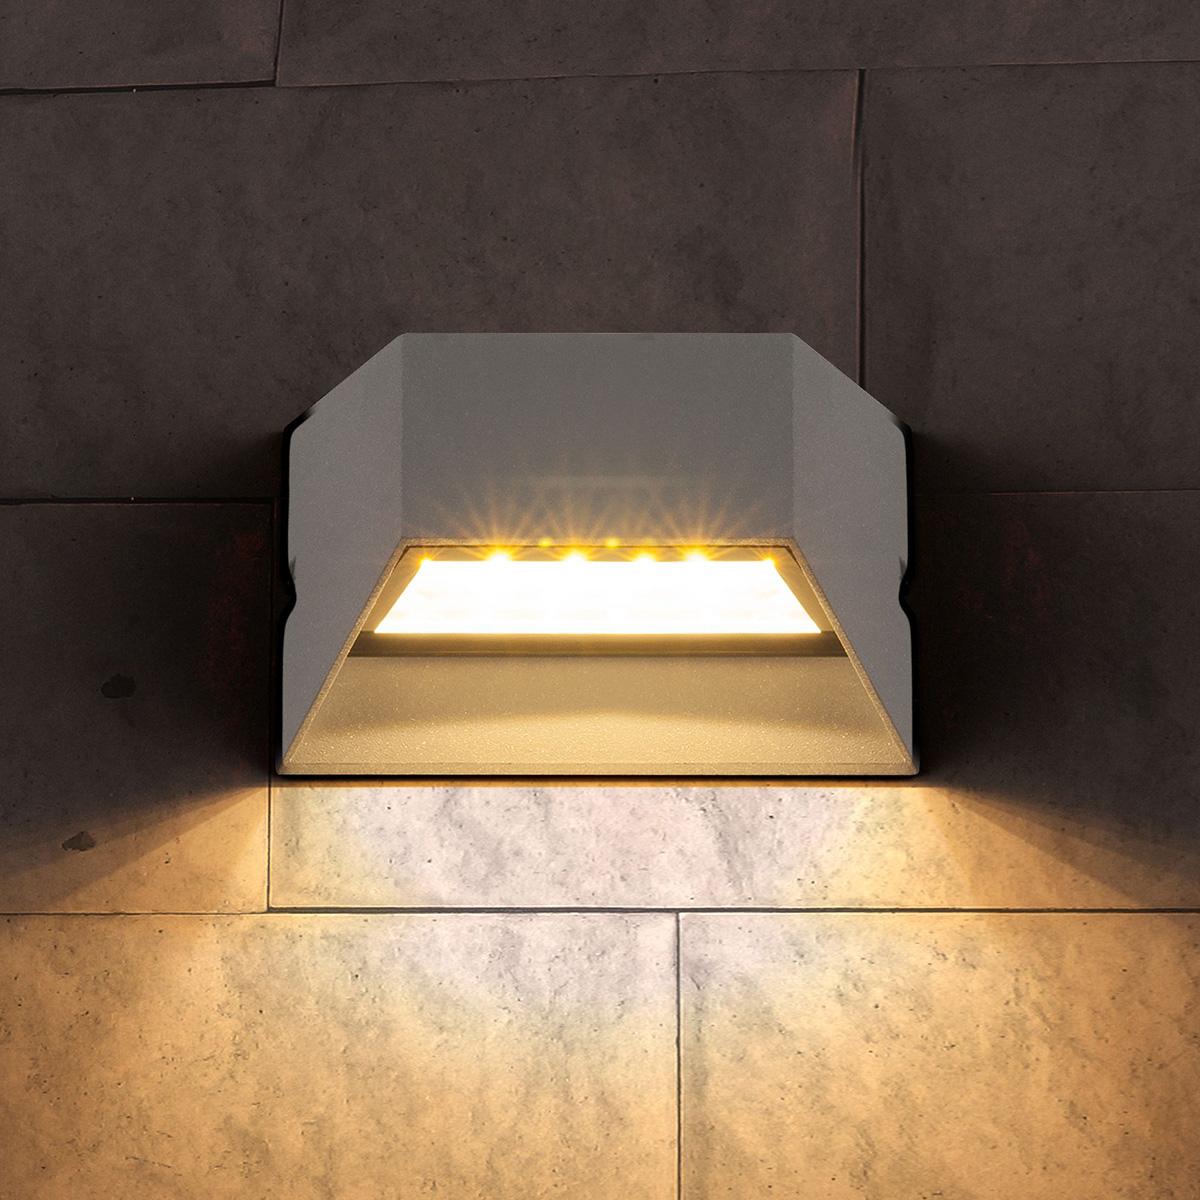 светодиодные плафоны уличного освещения термобелья это интернет